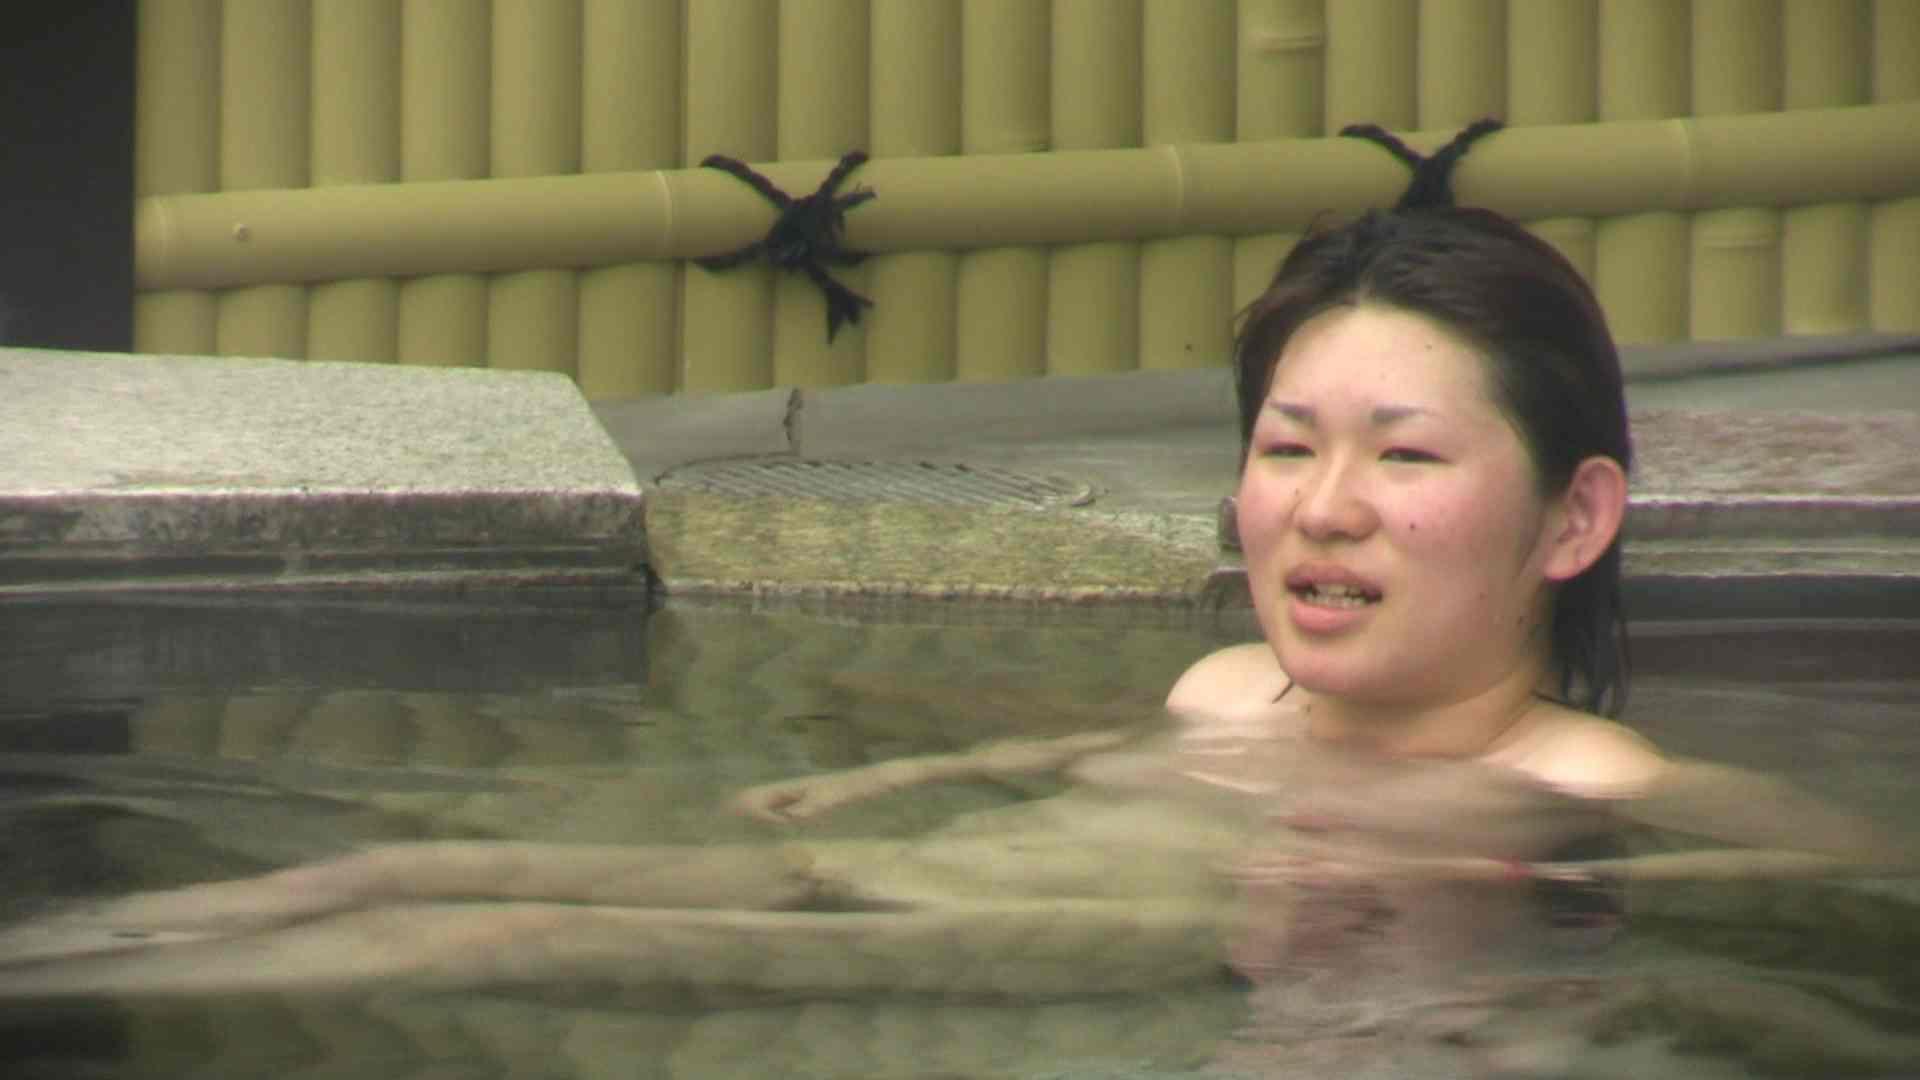 Aquaな露天風呂Vol.673 美しいOLの裸体   盗撮師作品  99pic 76